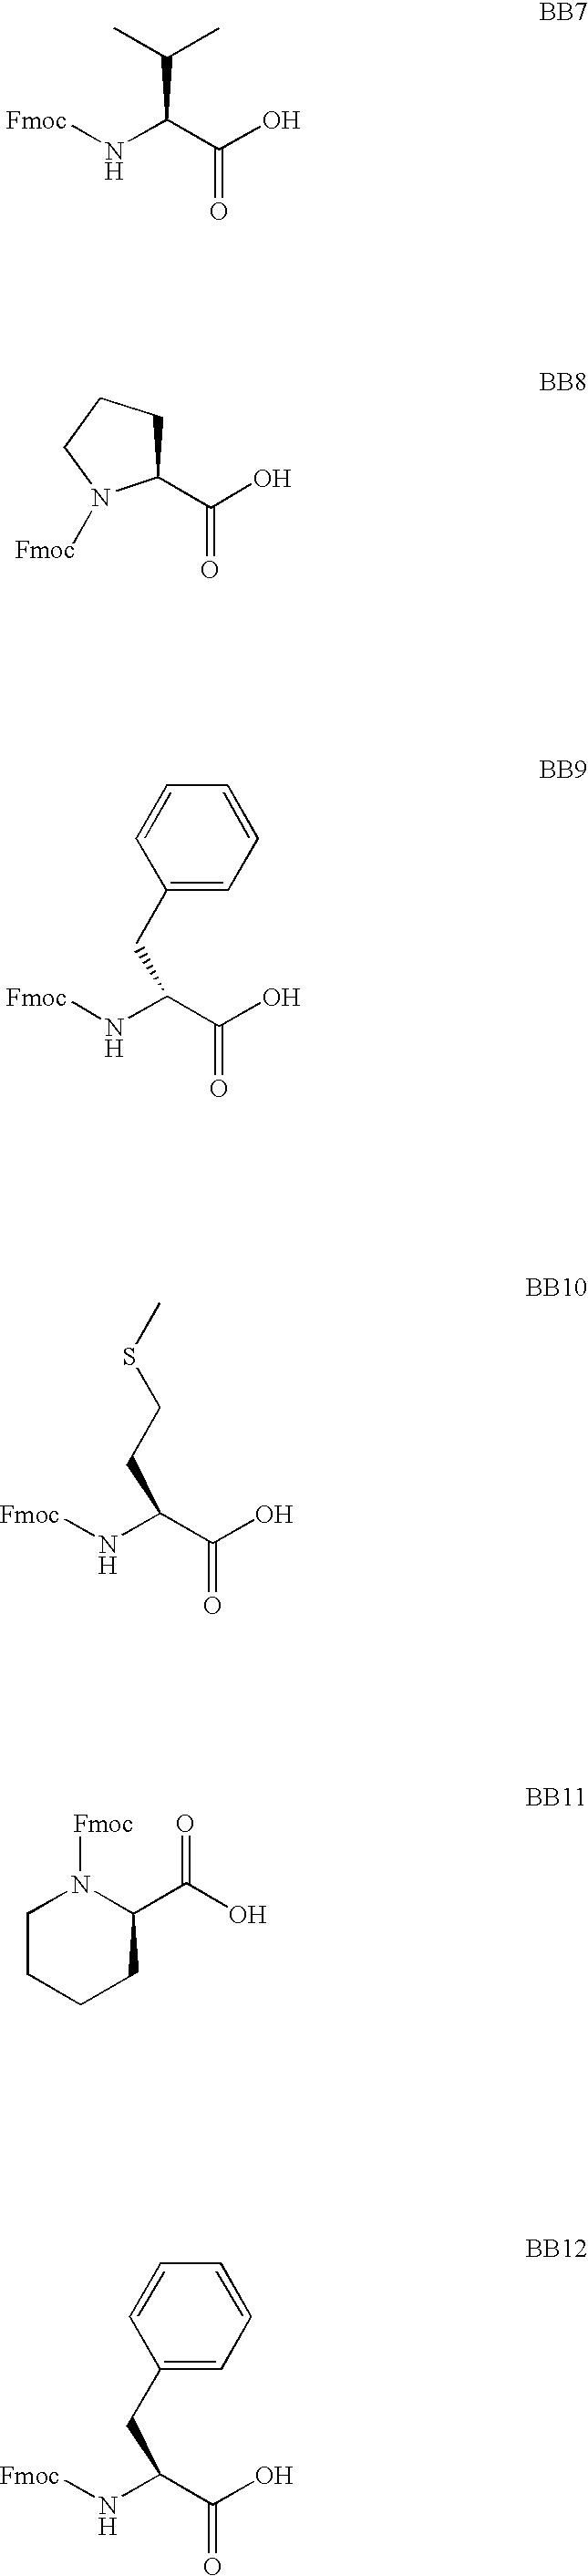 Figure US07972994-20110705-C00113